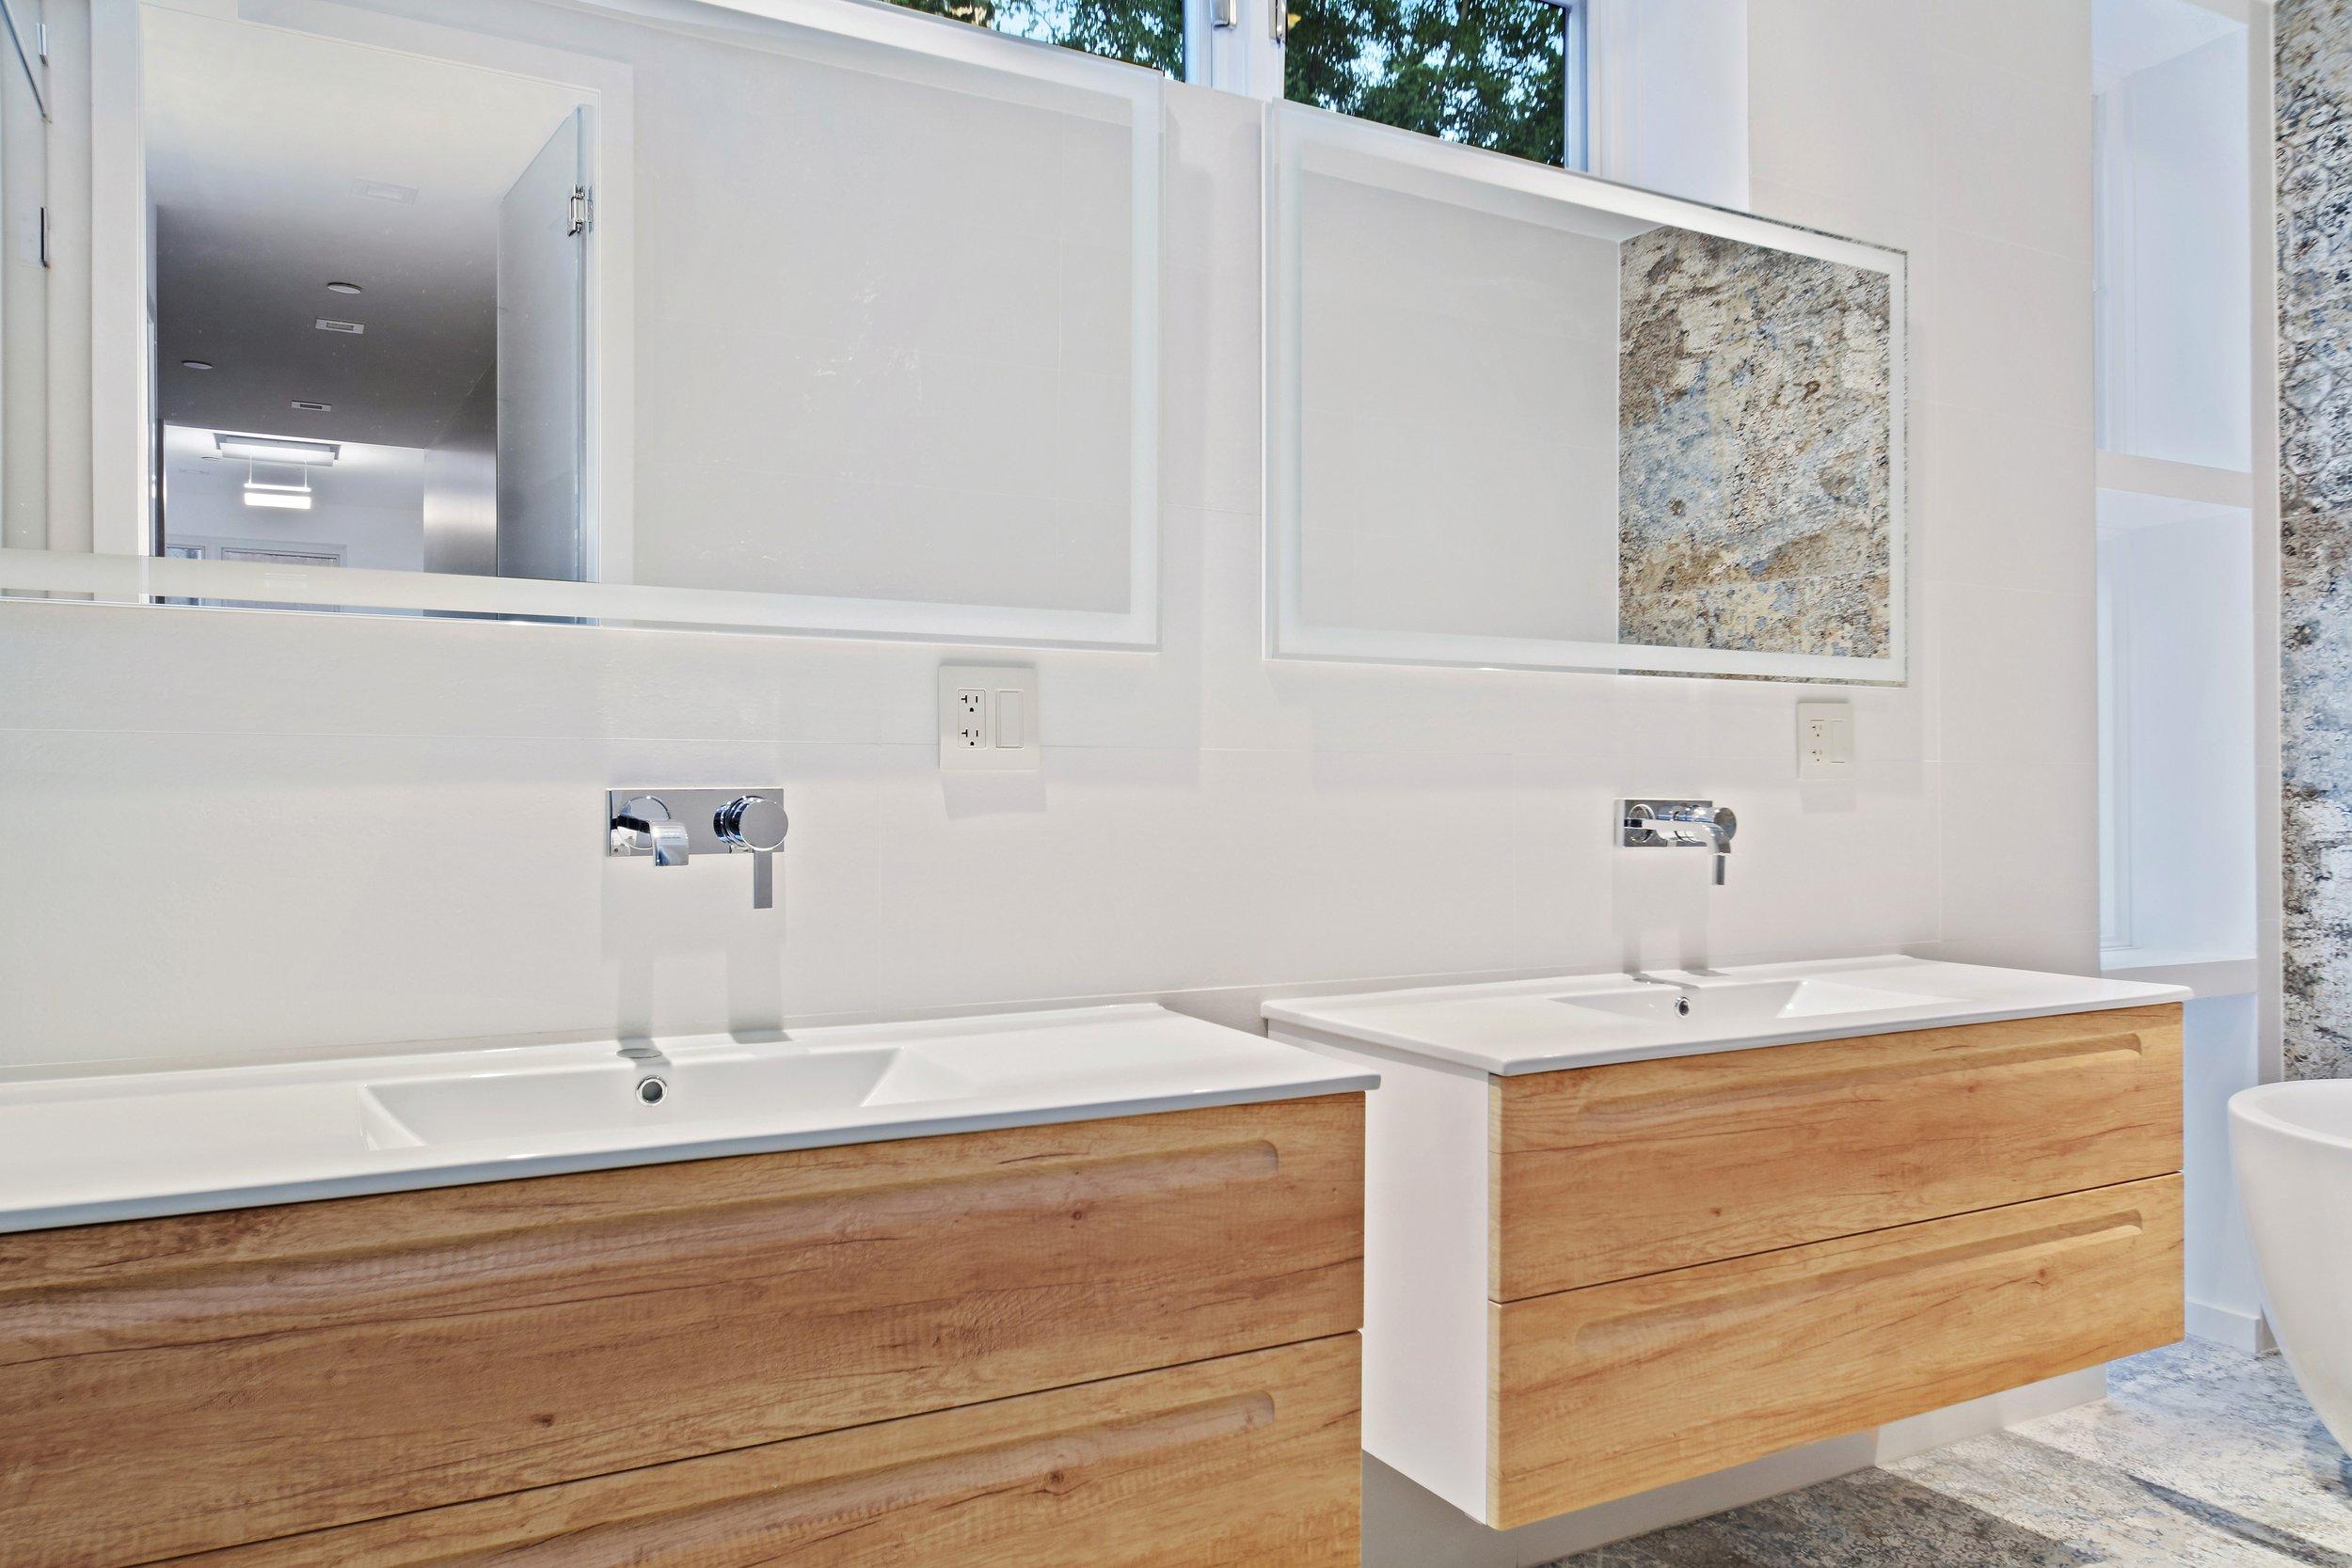 14_22SAINTFELIXSt_8001_Bathroom_HiRes.jpg